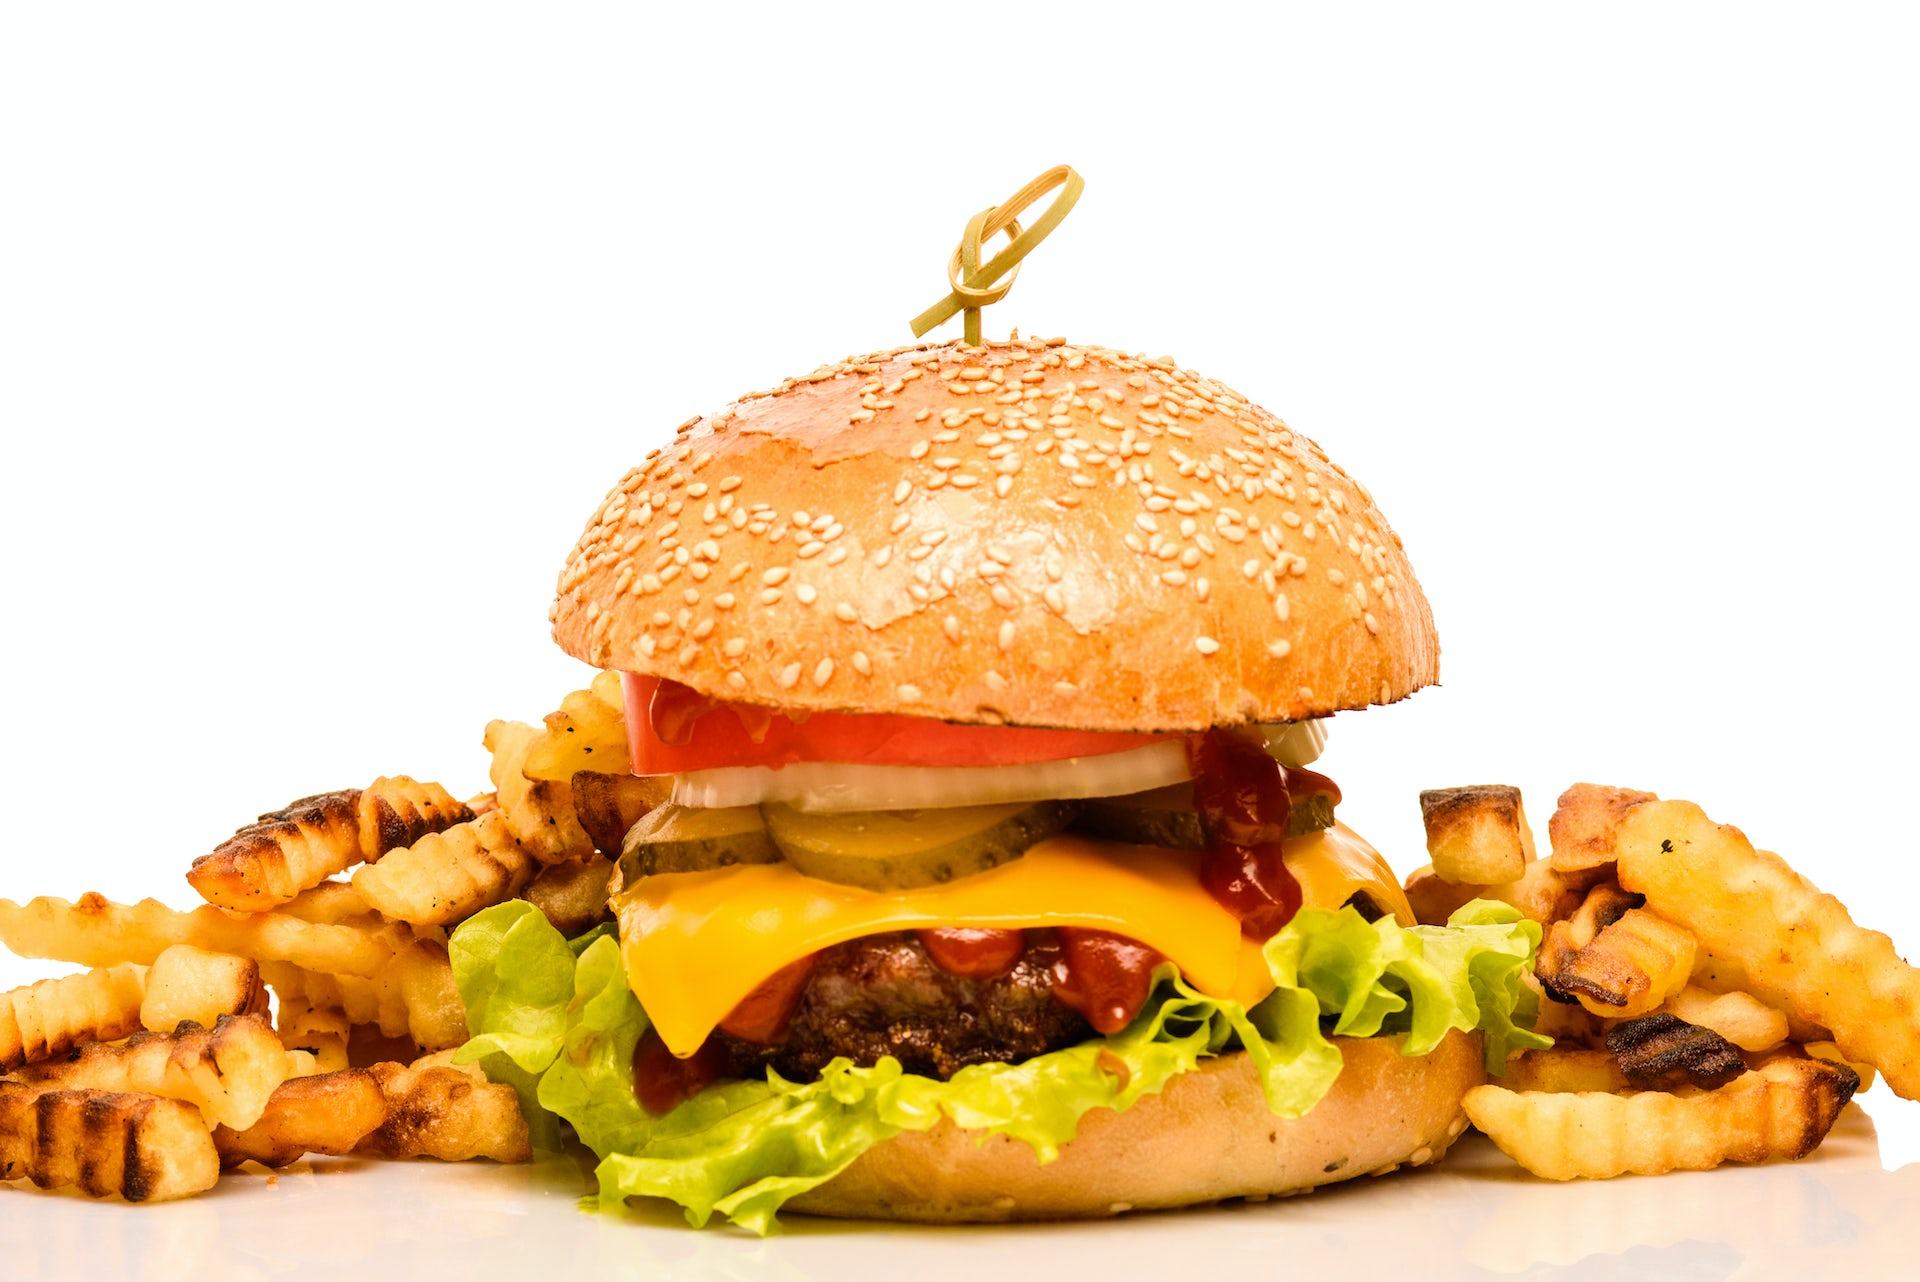 45 Makanan Pemicu Kambuhnya Penyakit Asam Lambung